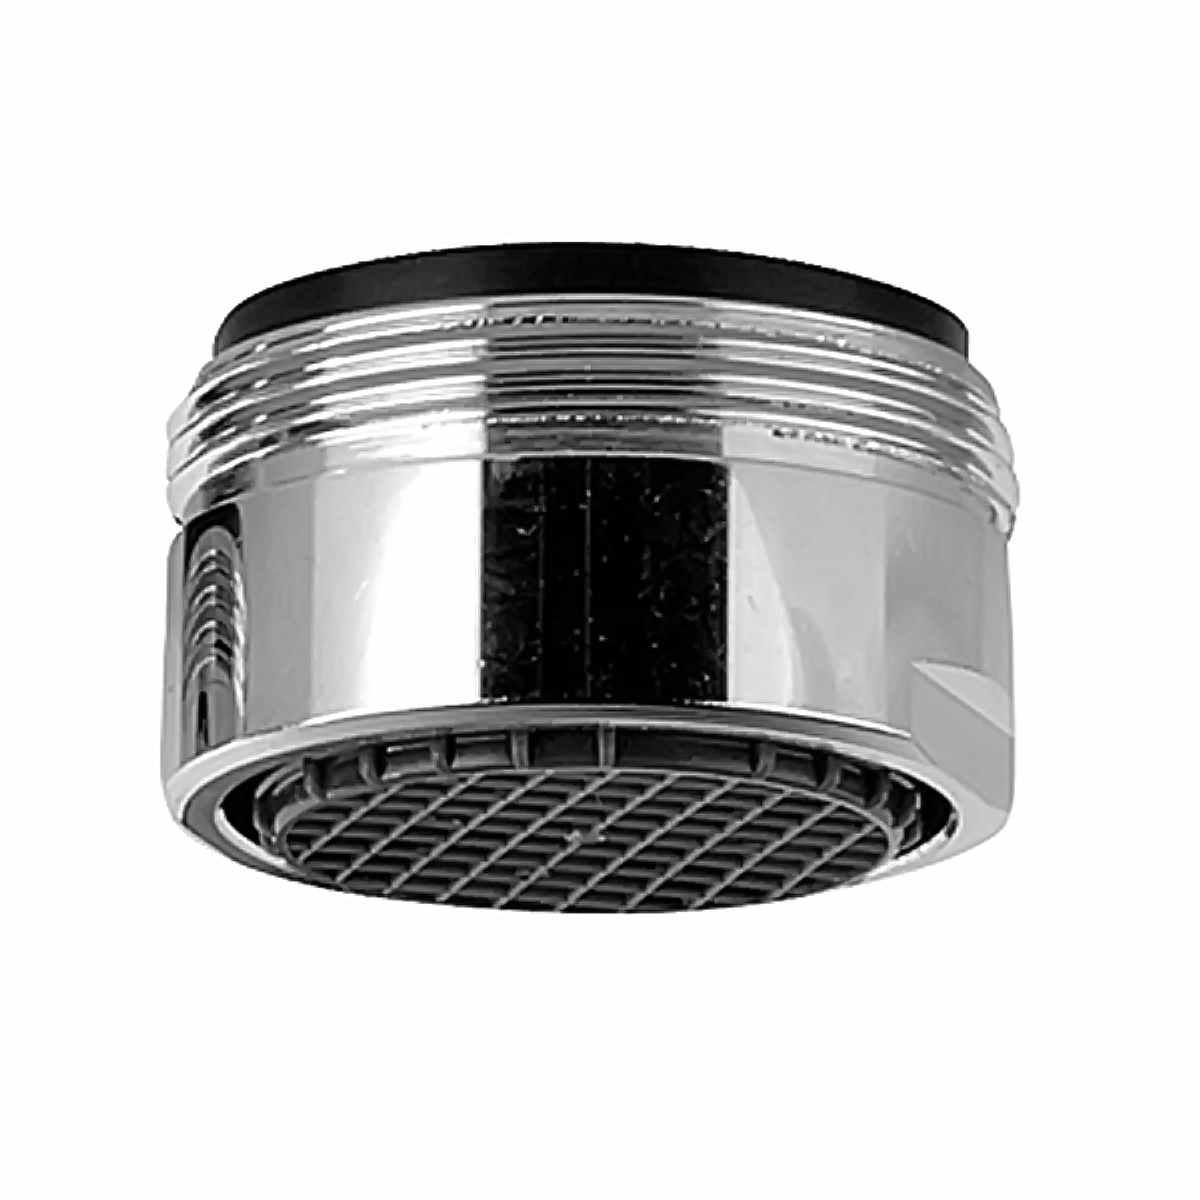 """Аэратор REMER """"Premium"""" предназначен для насыщения воздухом водной струи, выходящей из смесителя.Благодаря аэратору вода из под крана выходит ровной и мягкой струей. Это не только придает приятное ощущение для рук и предотвращает разбрызгивание, но и одновременно способствует сокращению потребления воды.  Резьба: М 24.  Тип резьбы: наружная.  Материал корпуса: хромированная латунь.  Материал сетки: нержавеющая сталь.  Материал внутренней части: сверхпрочный инновационный пластик."""